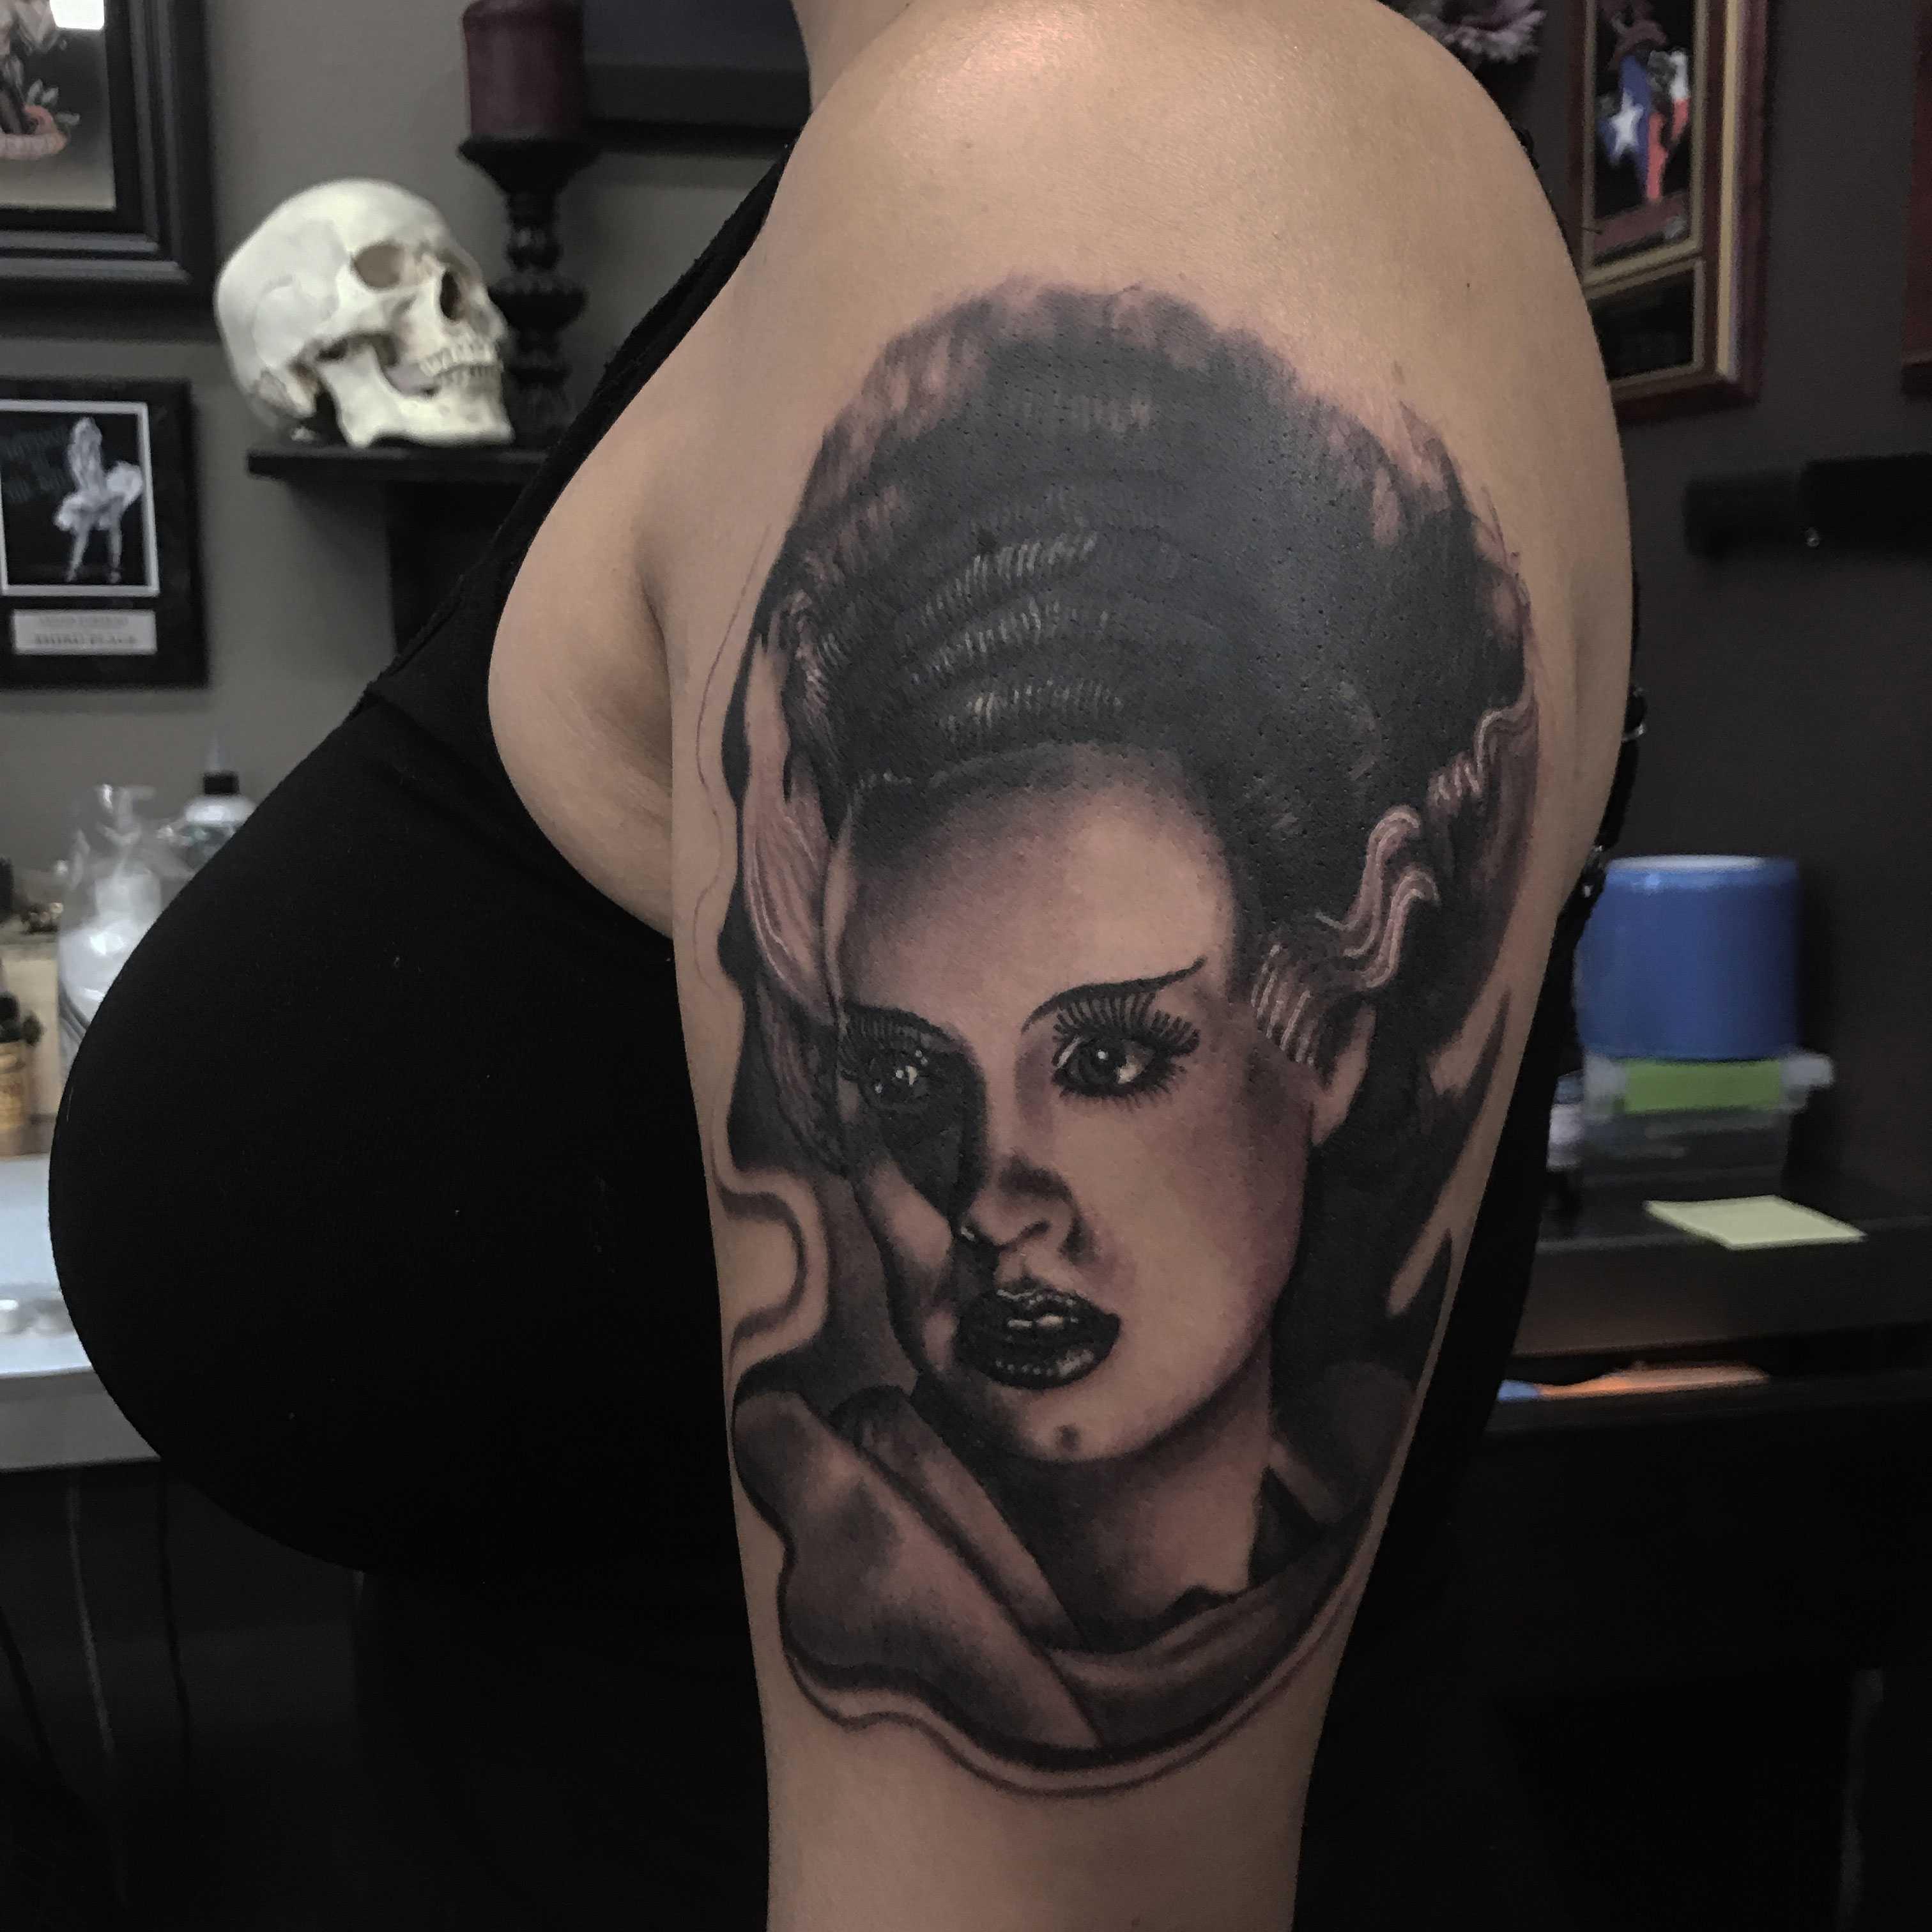 Bride+of+Frankenstein+by+tattoo+artist+Brian+Stephens.+